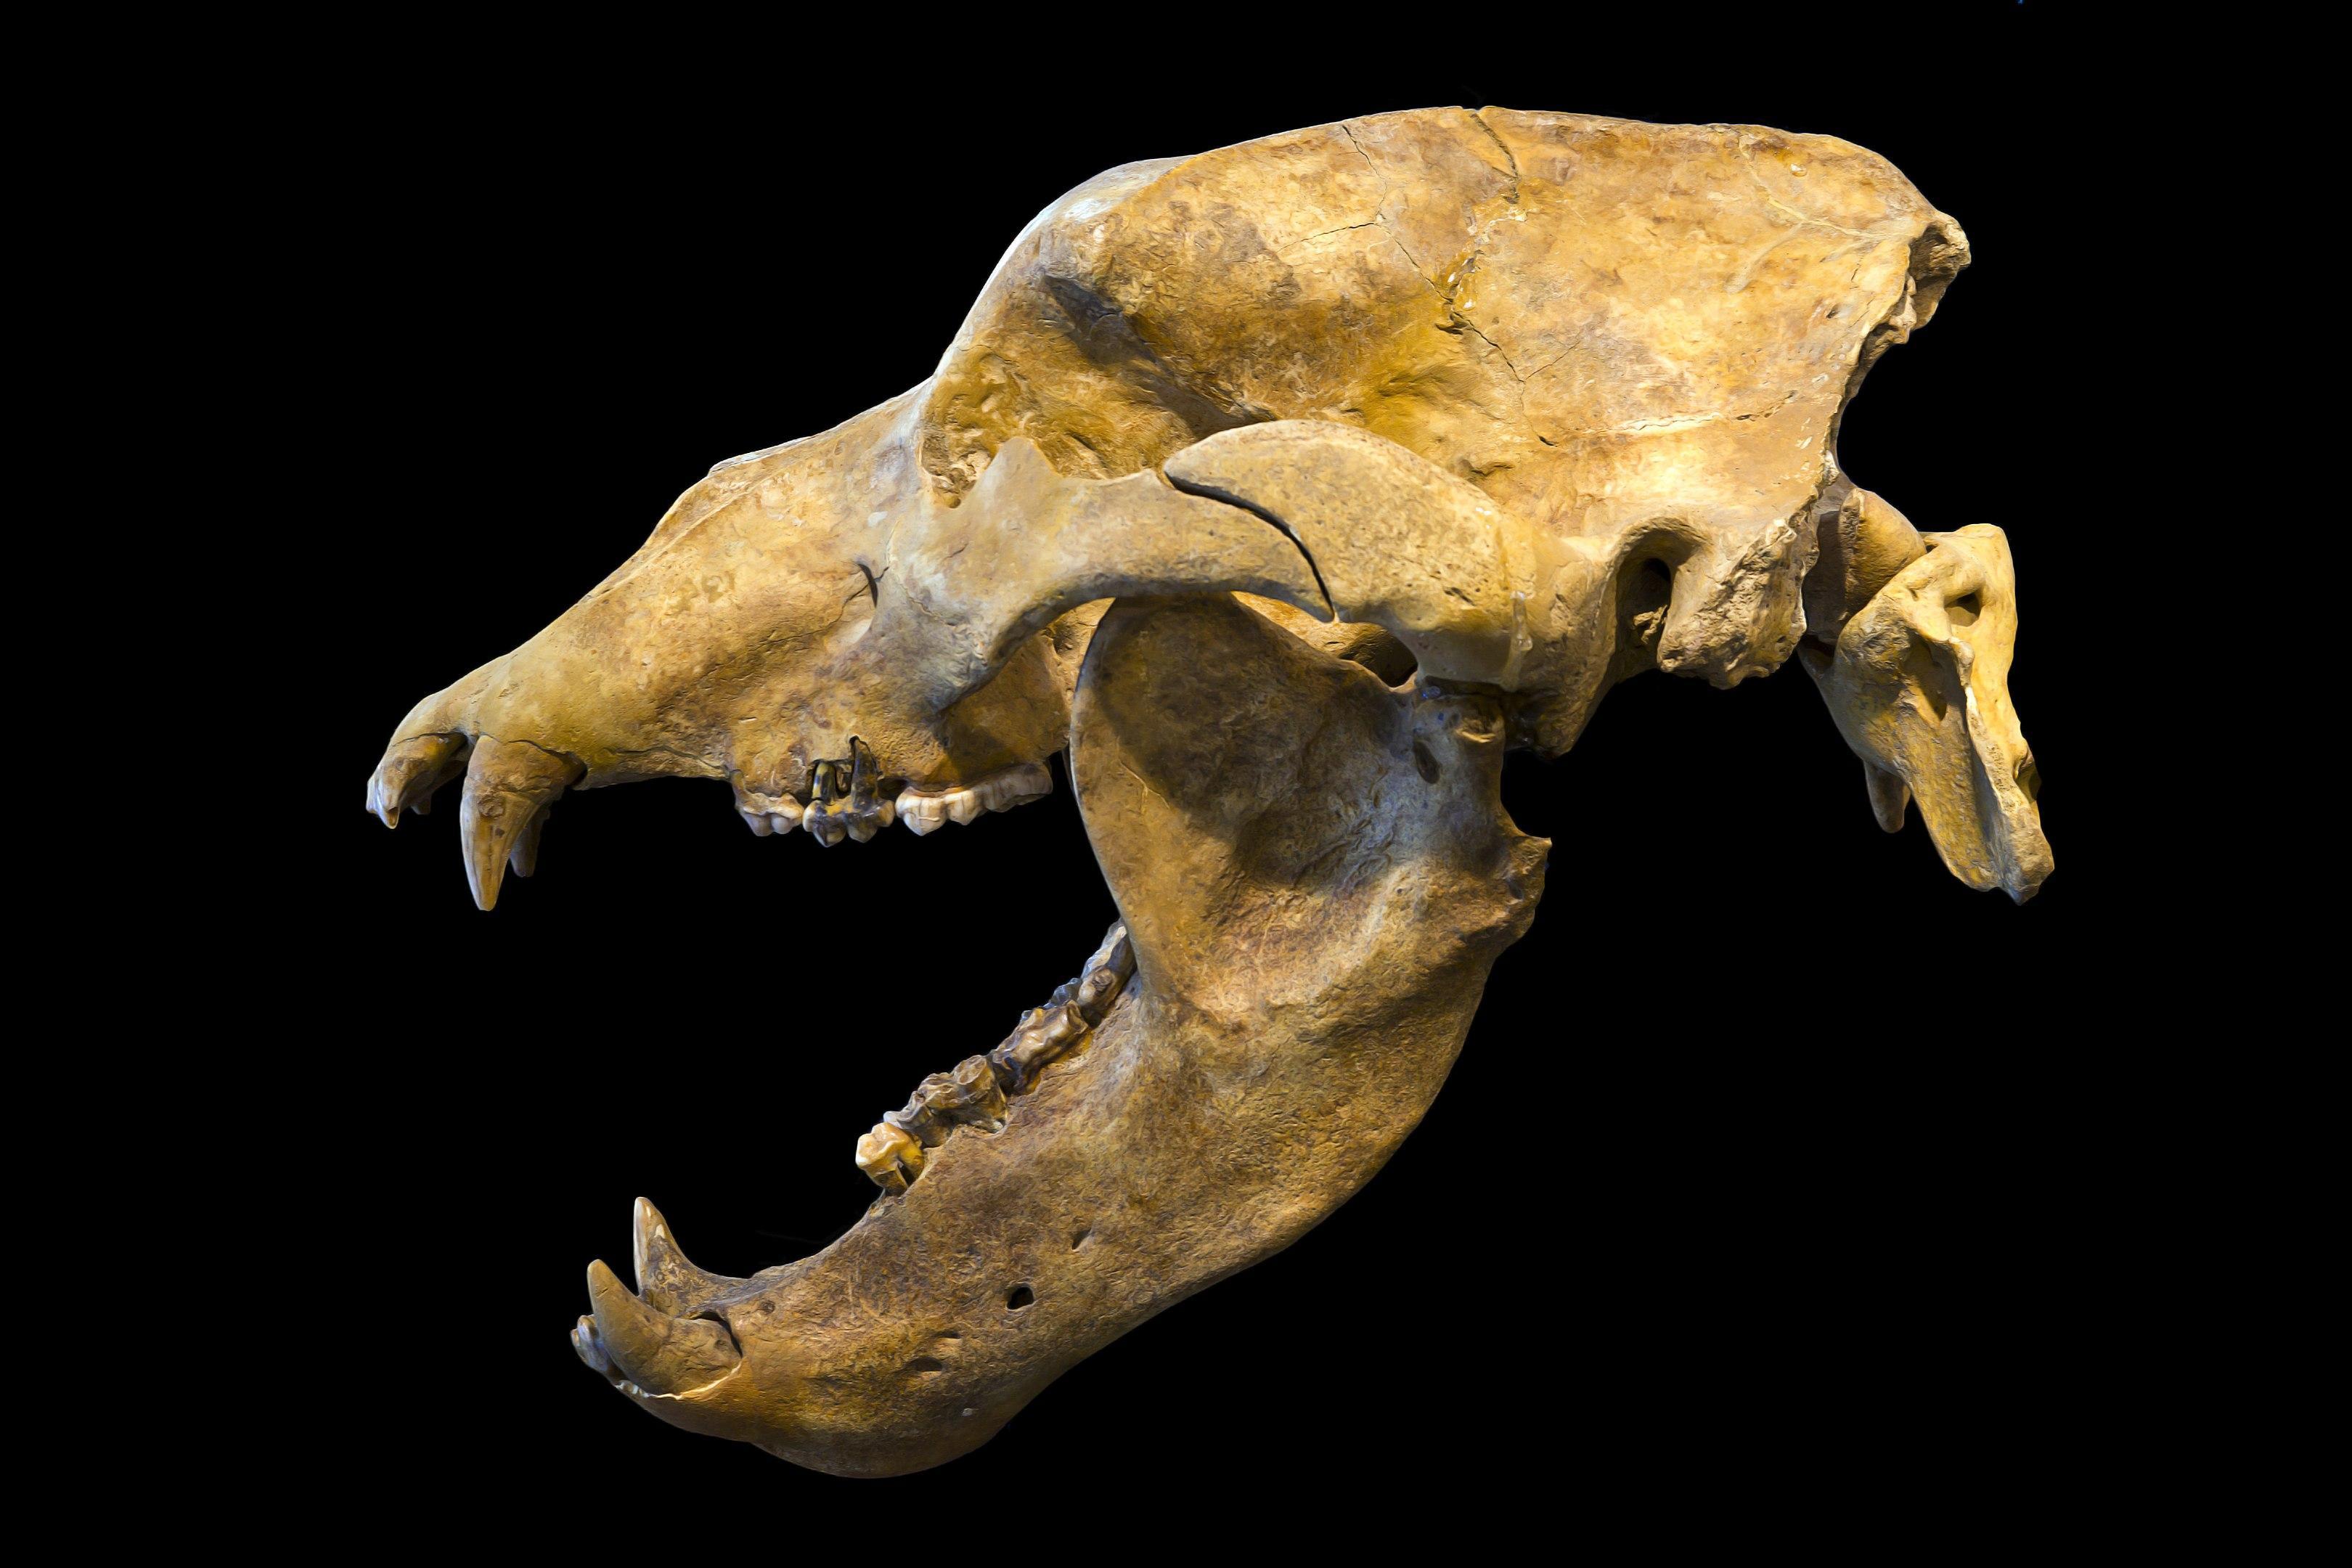 Причиной вымирания пещерных медведей стал их слишком большой нос